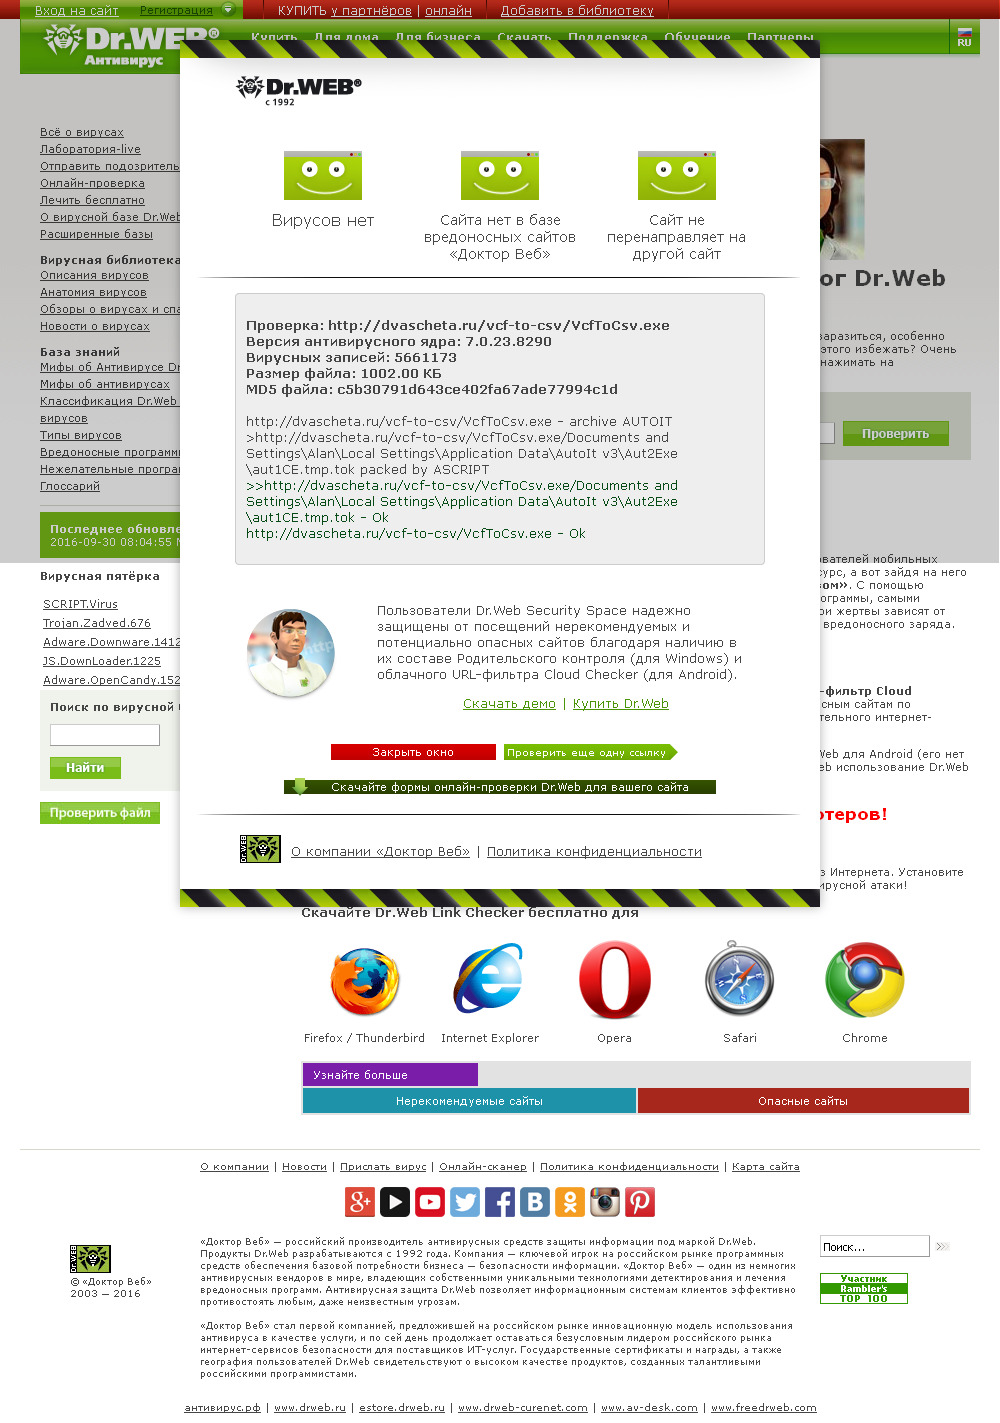 онлайн переделка форматов документов из приложение exe в pdf